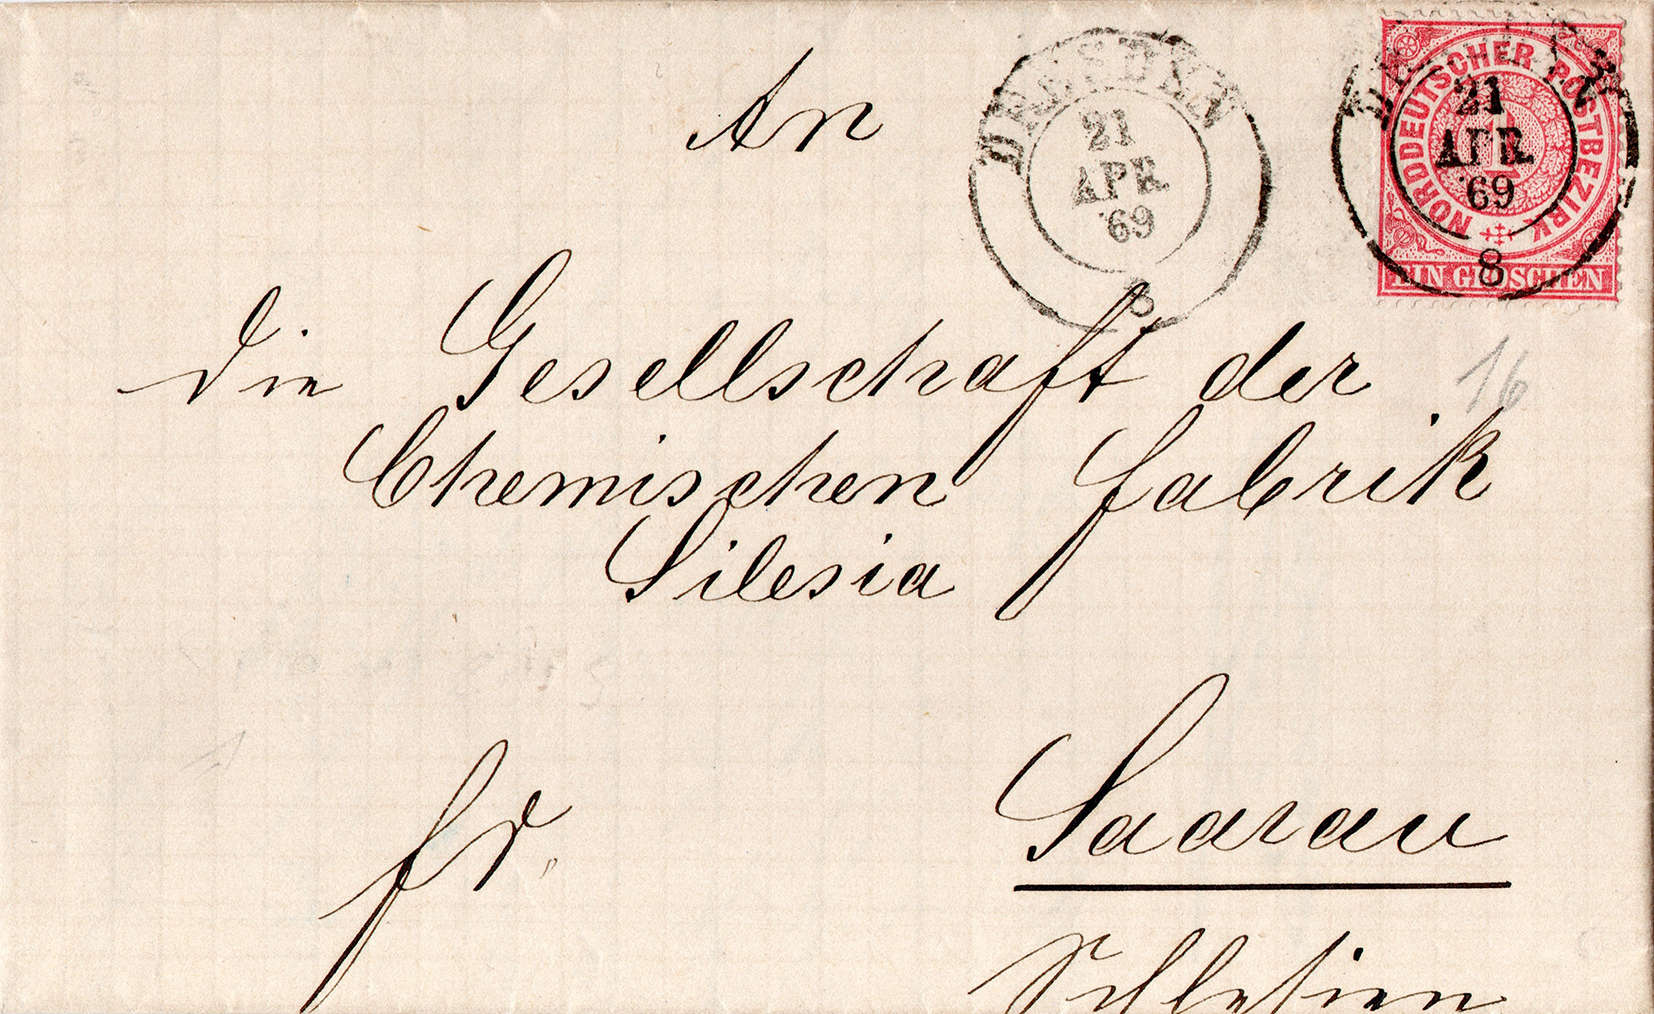 Korespondencja handlowa Zakłady Chemiczne Silesia 1869 (1)